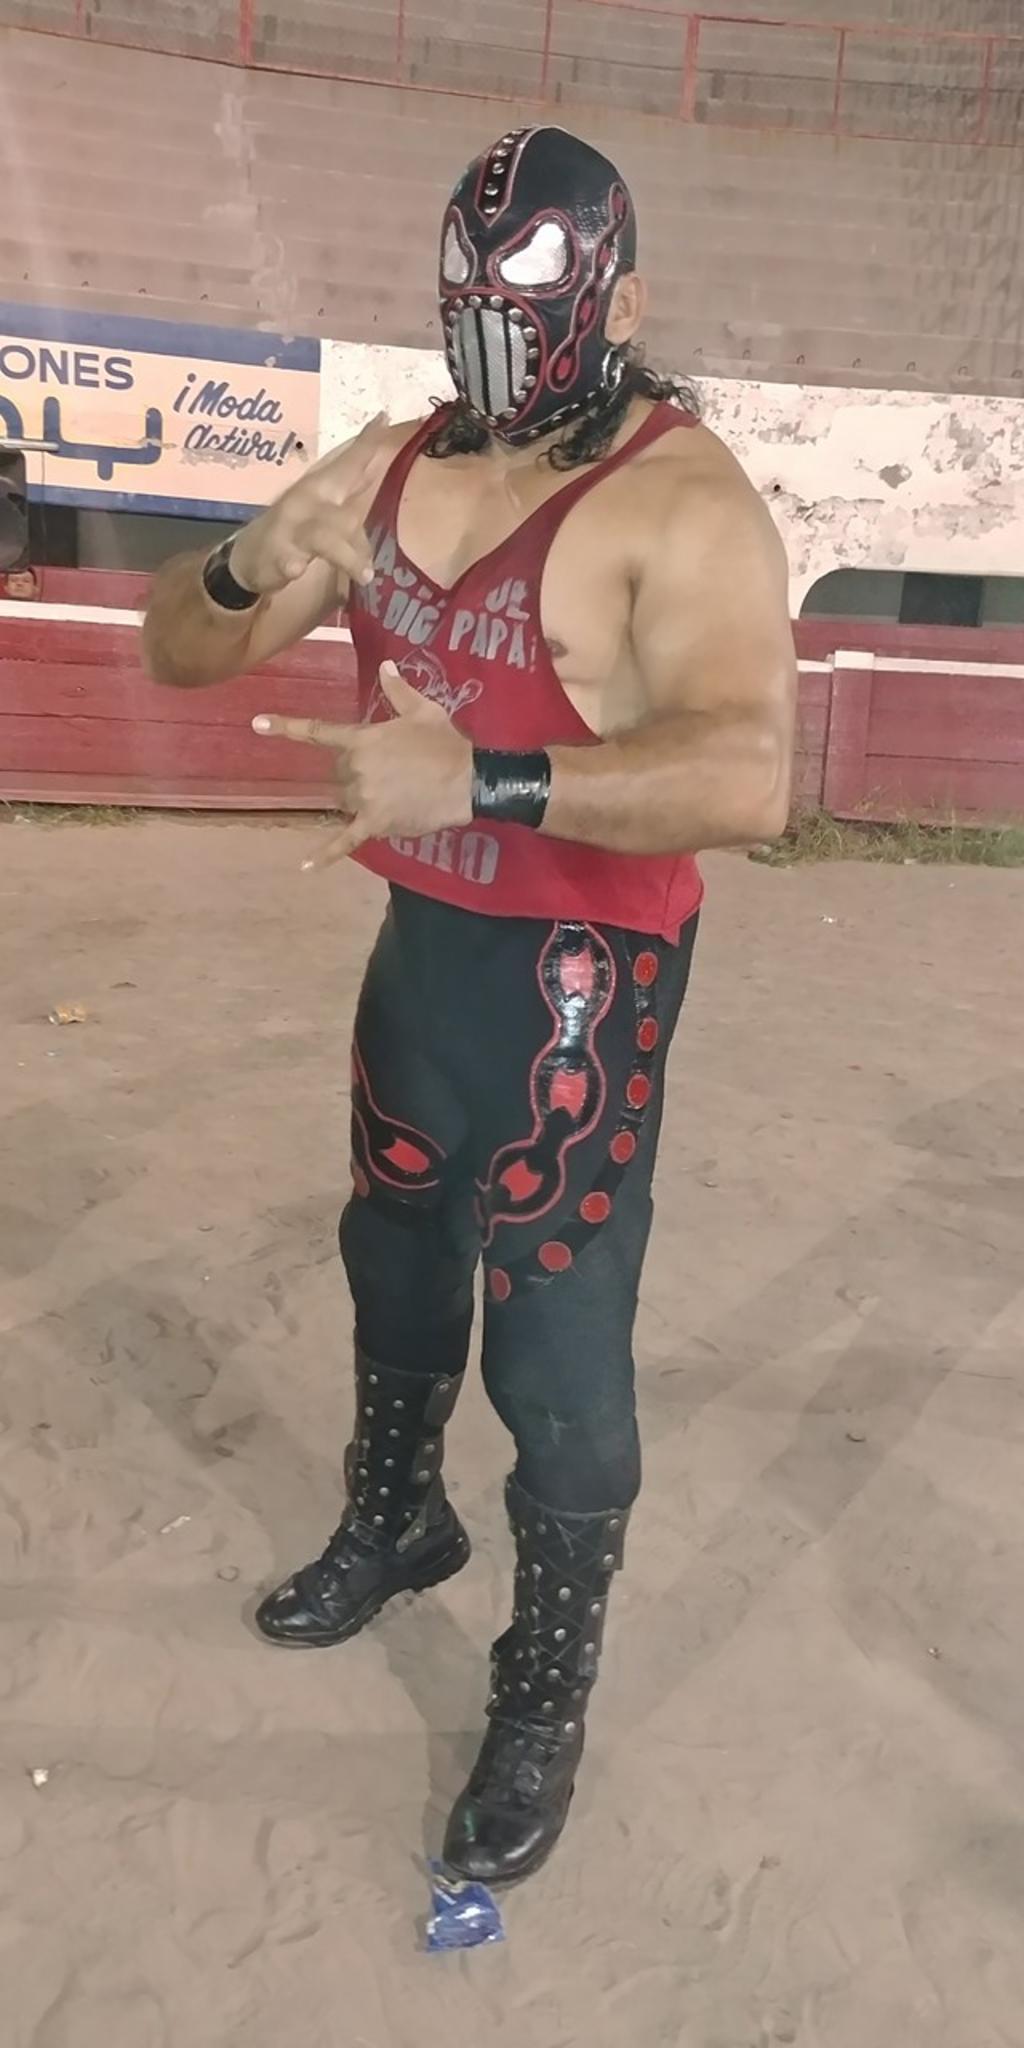 Nuevo capitulo de lucha libre dominical en la Plaza de Toros Torreón